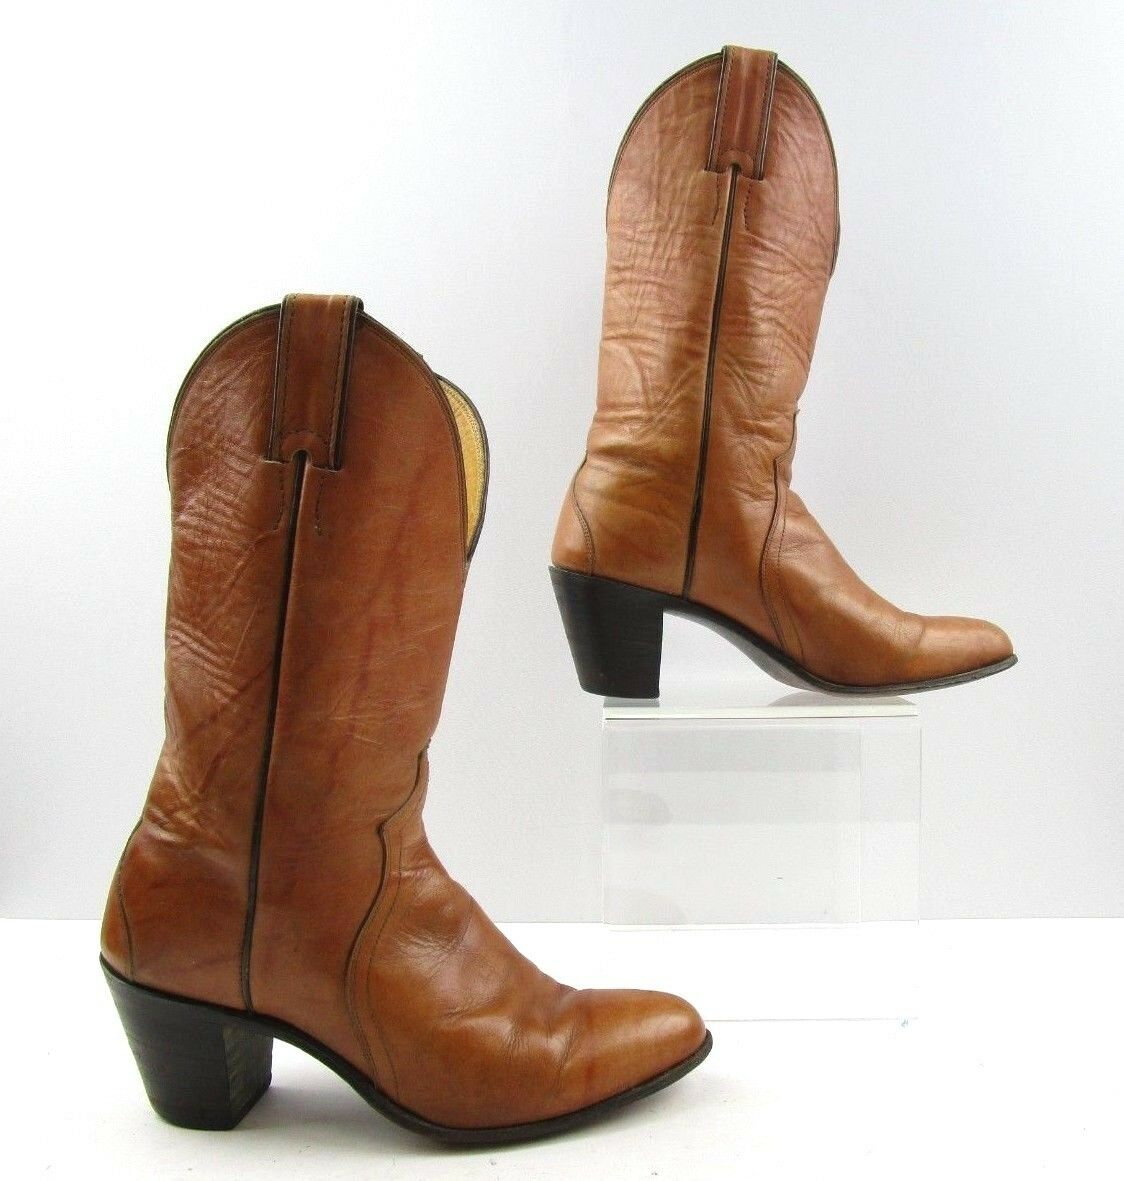 Damas Tacón apilados Justin marrón cuero botas de vaquero occidental Talla  6.5 B